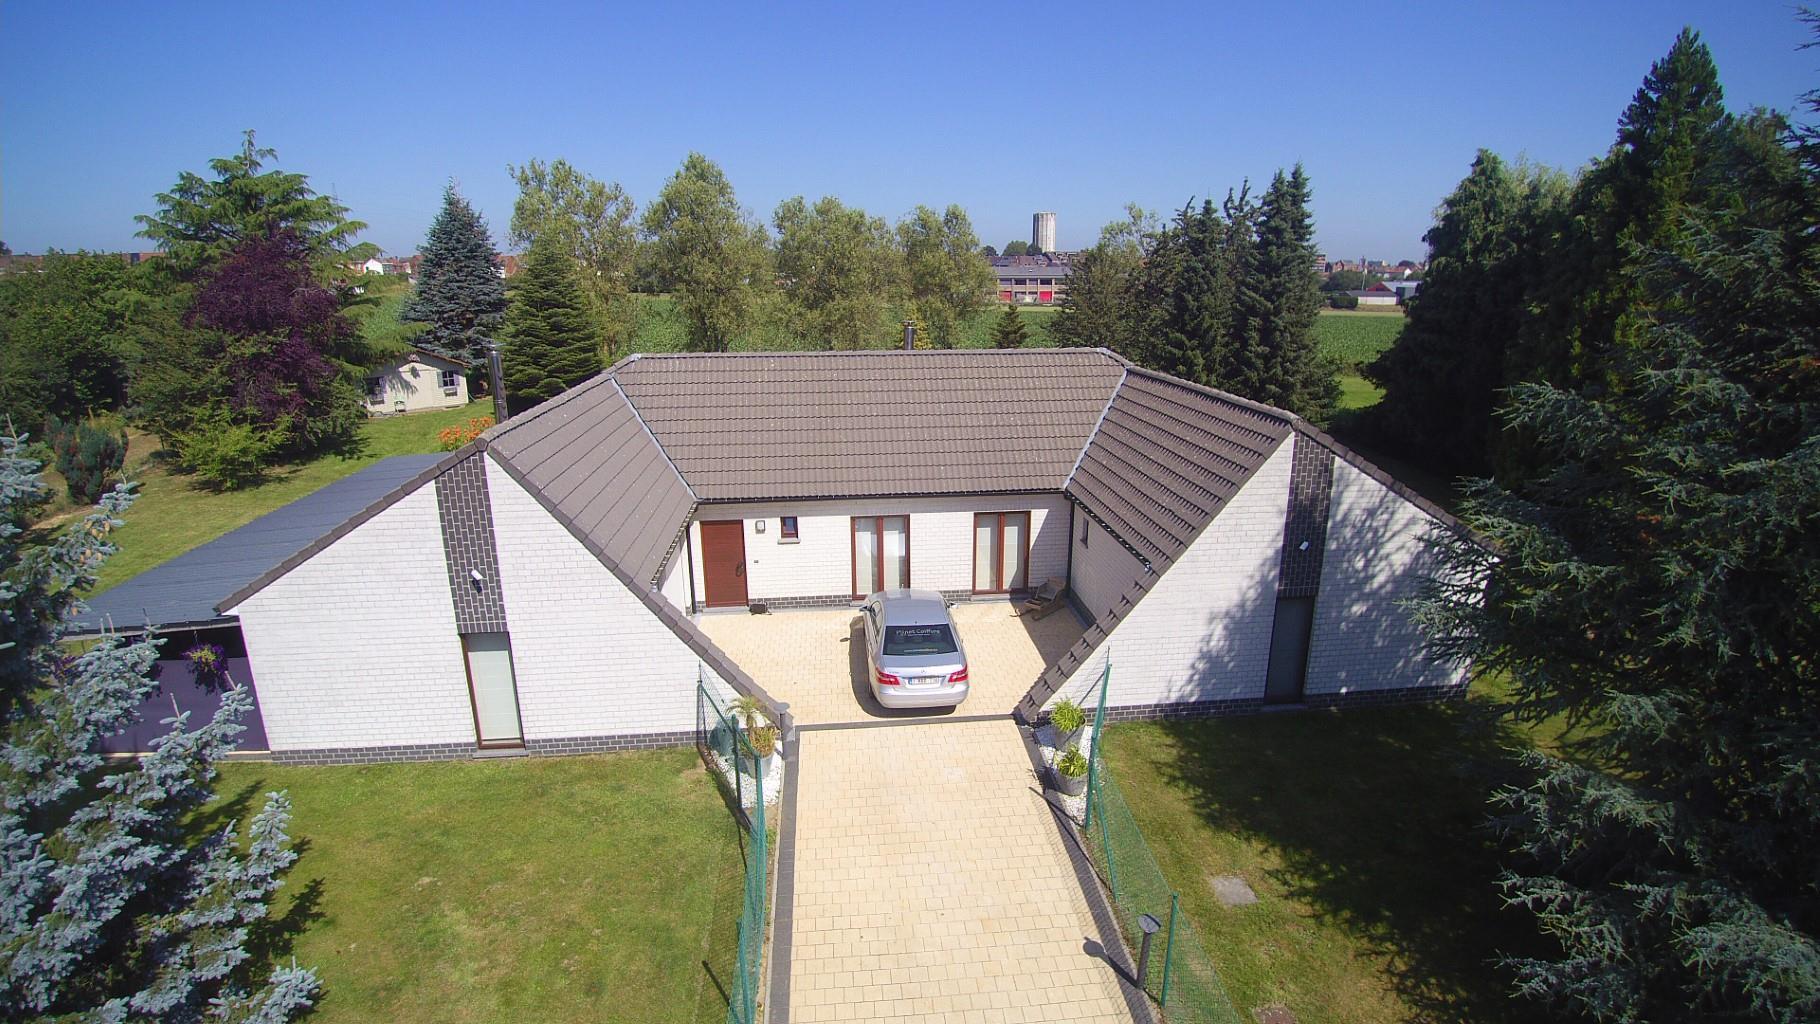 Villa - Braine-le-Comte - #3873254-18